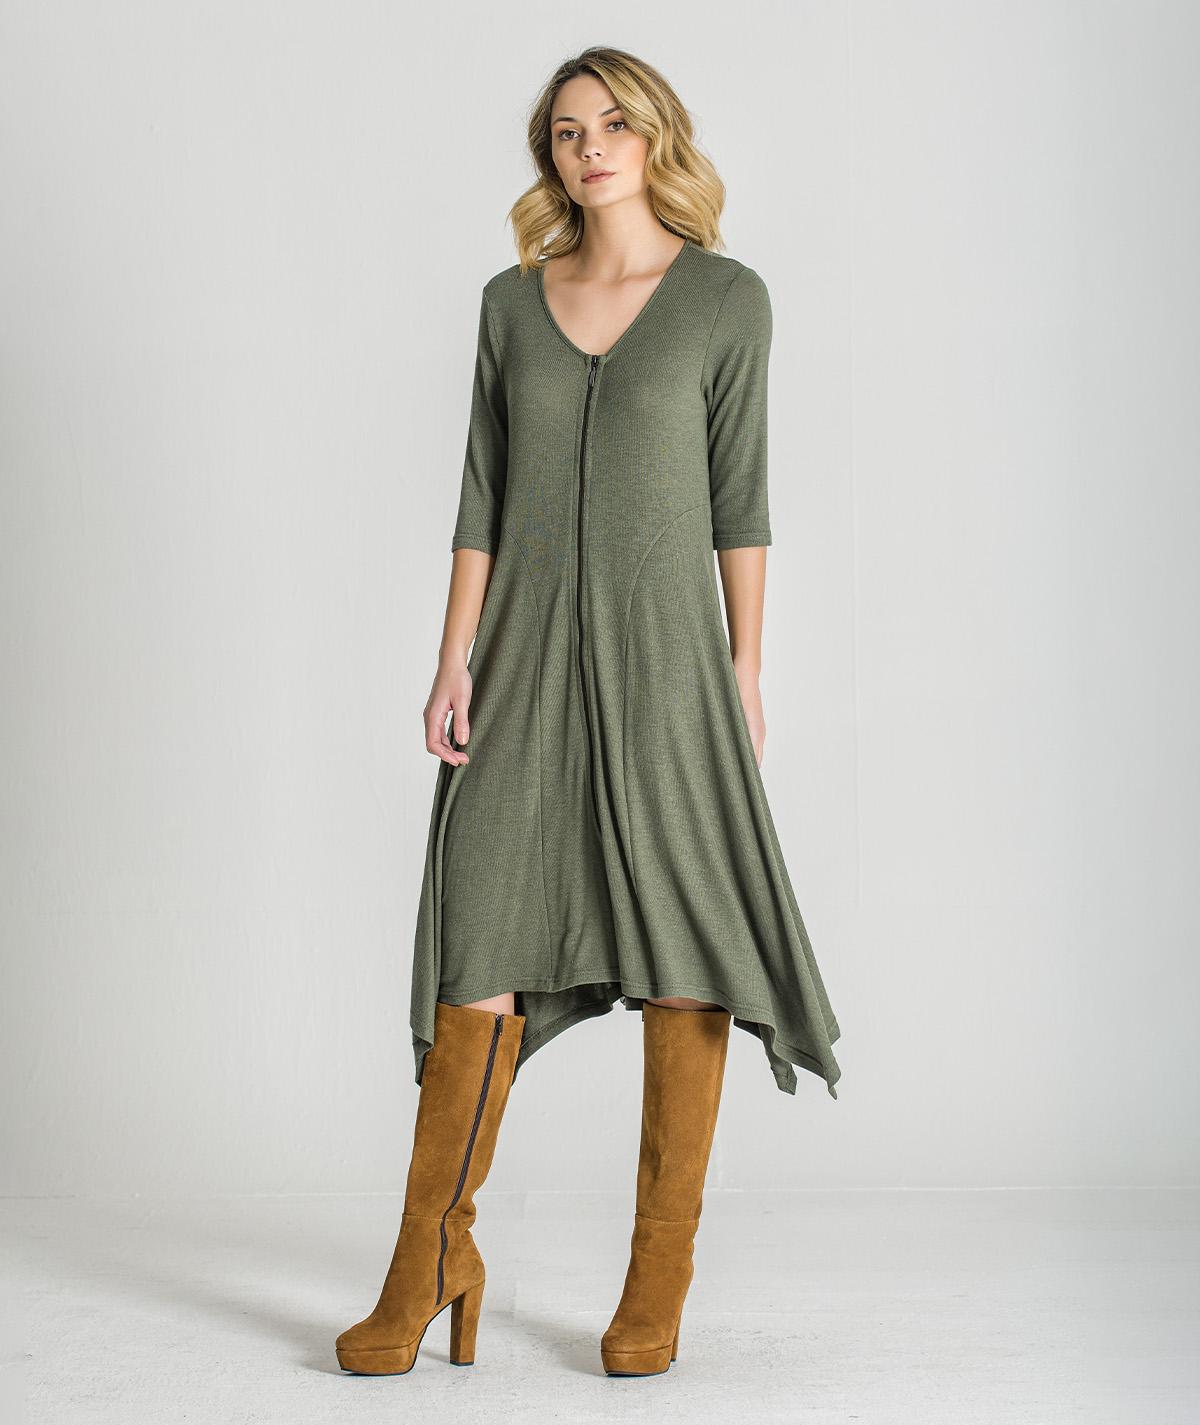 Ruga Vestido/Casaco 2893